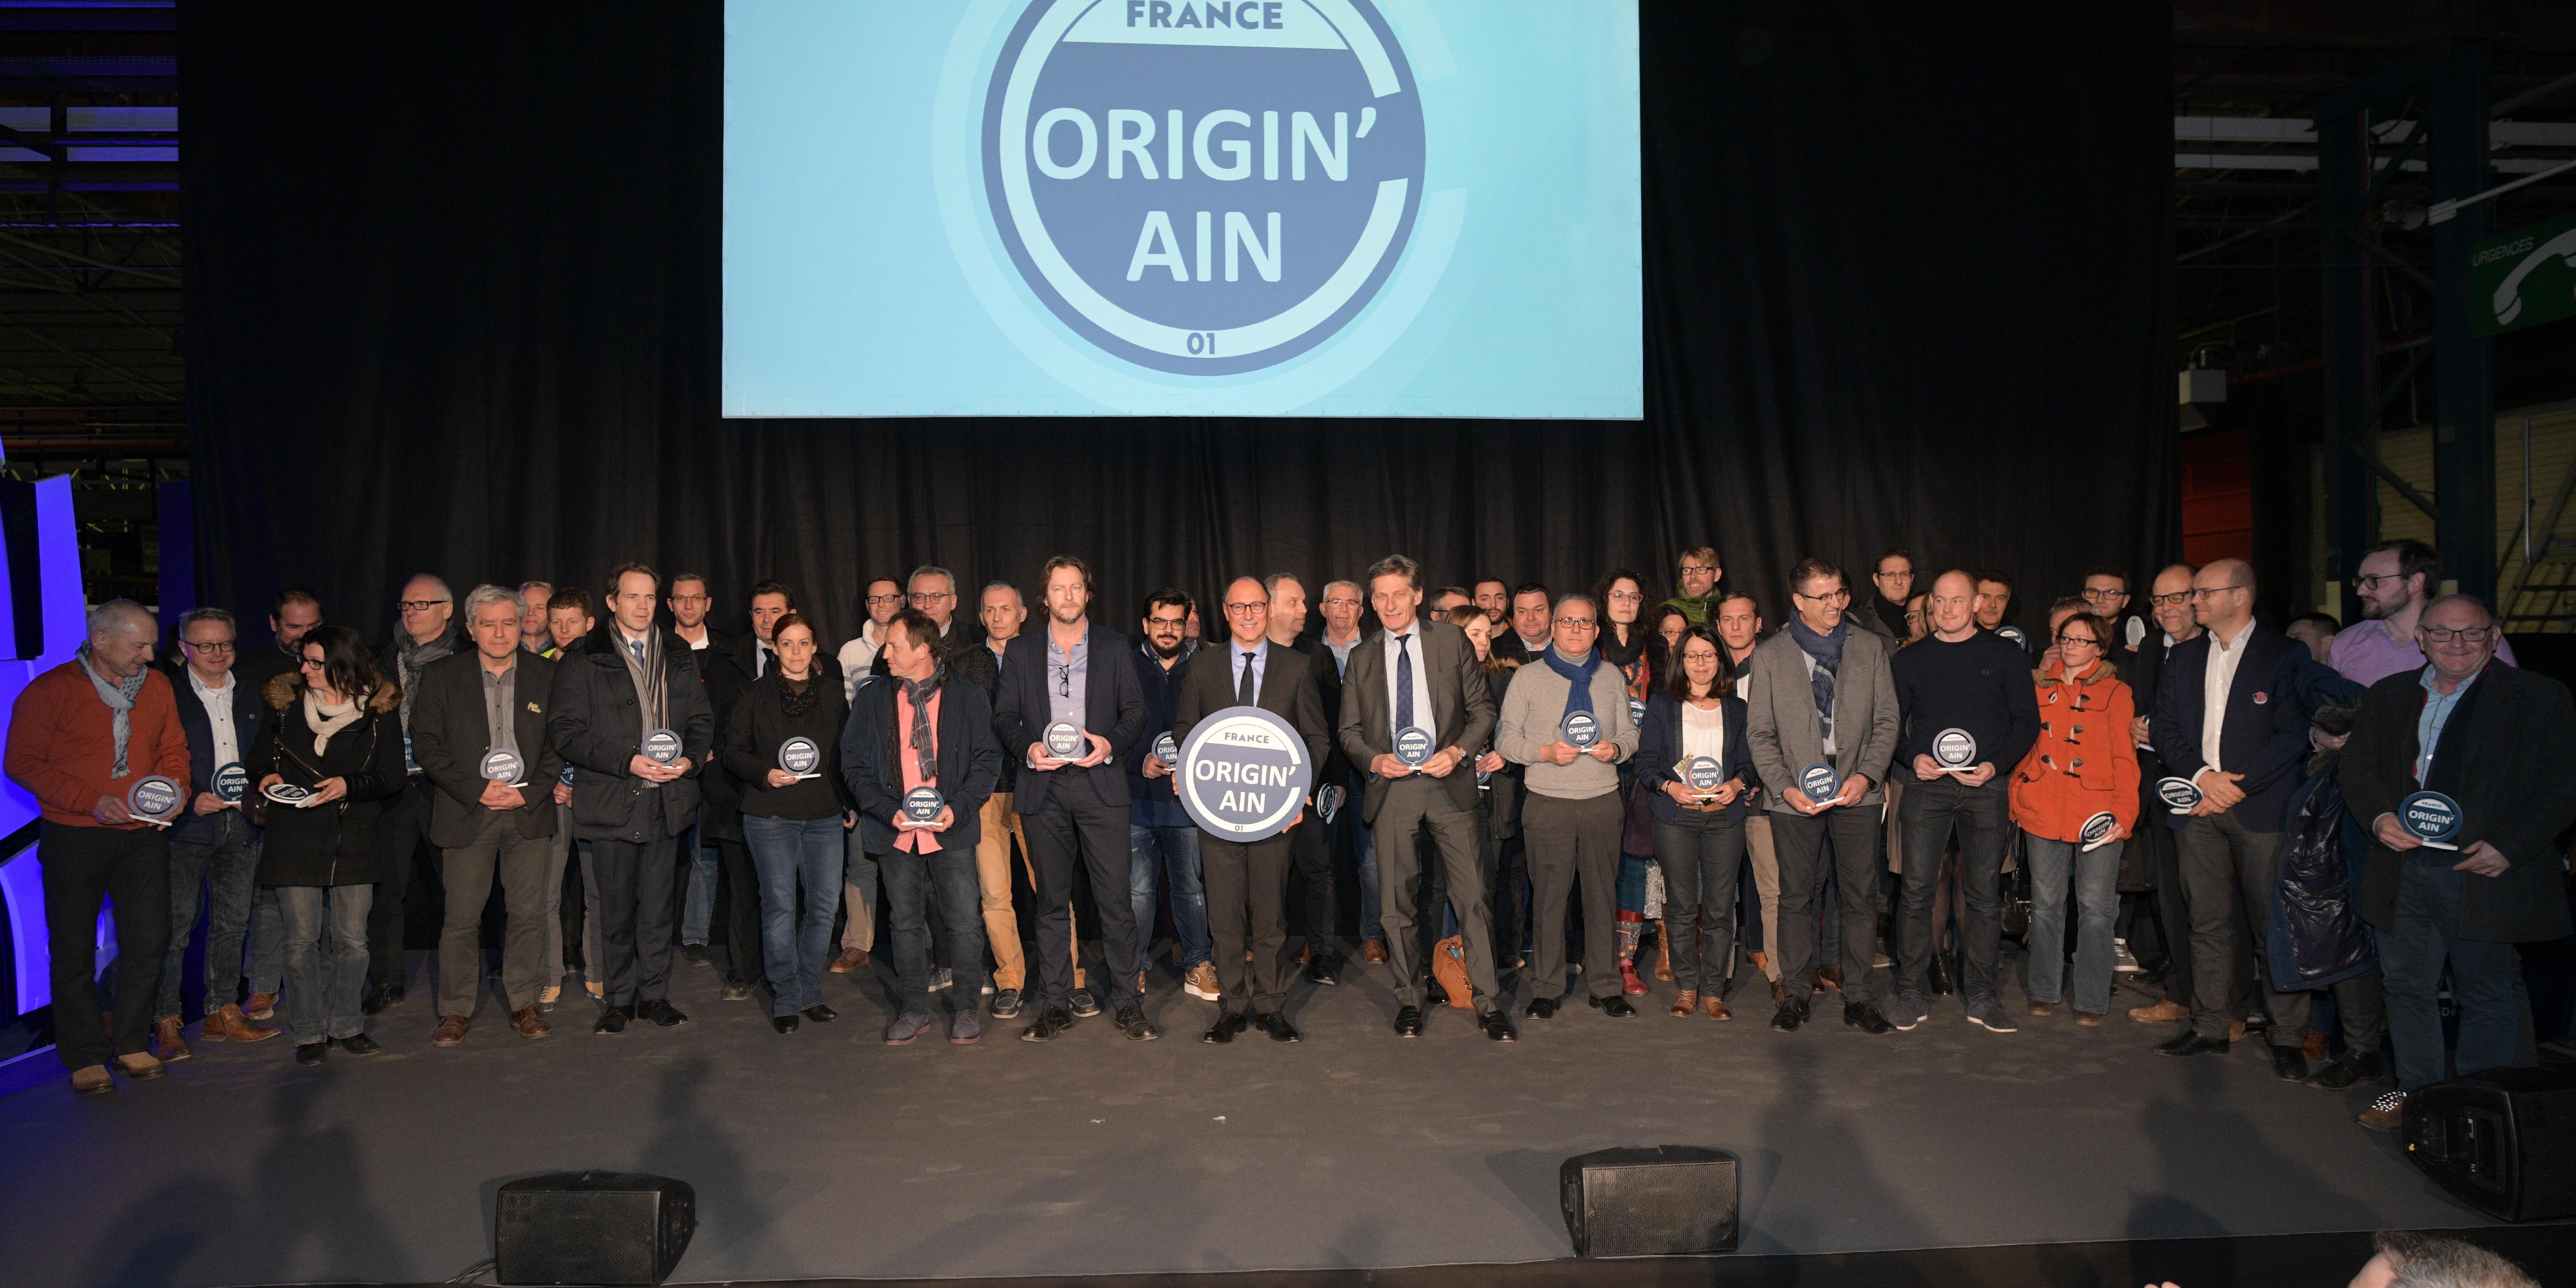 Un groupe de 65 représentants d'entreprises de l'Ain entoure le Président Jean Deguerry sur une scène